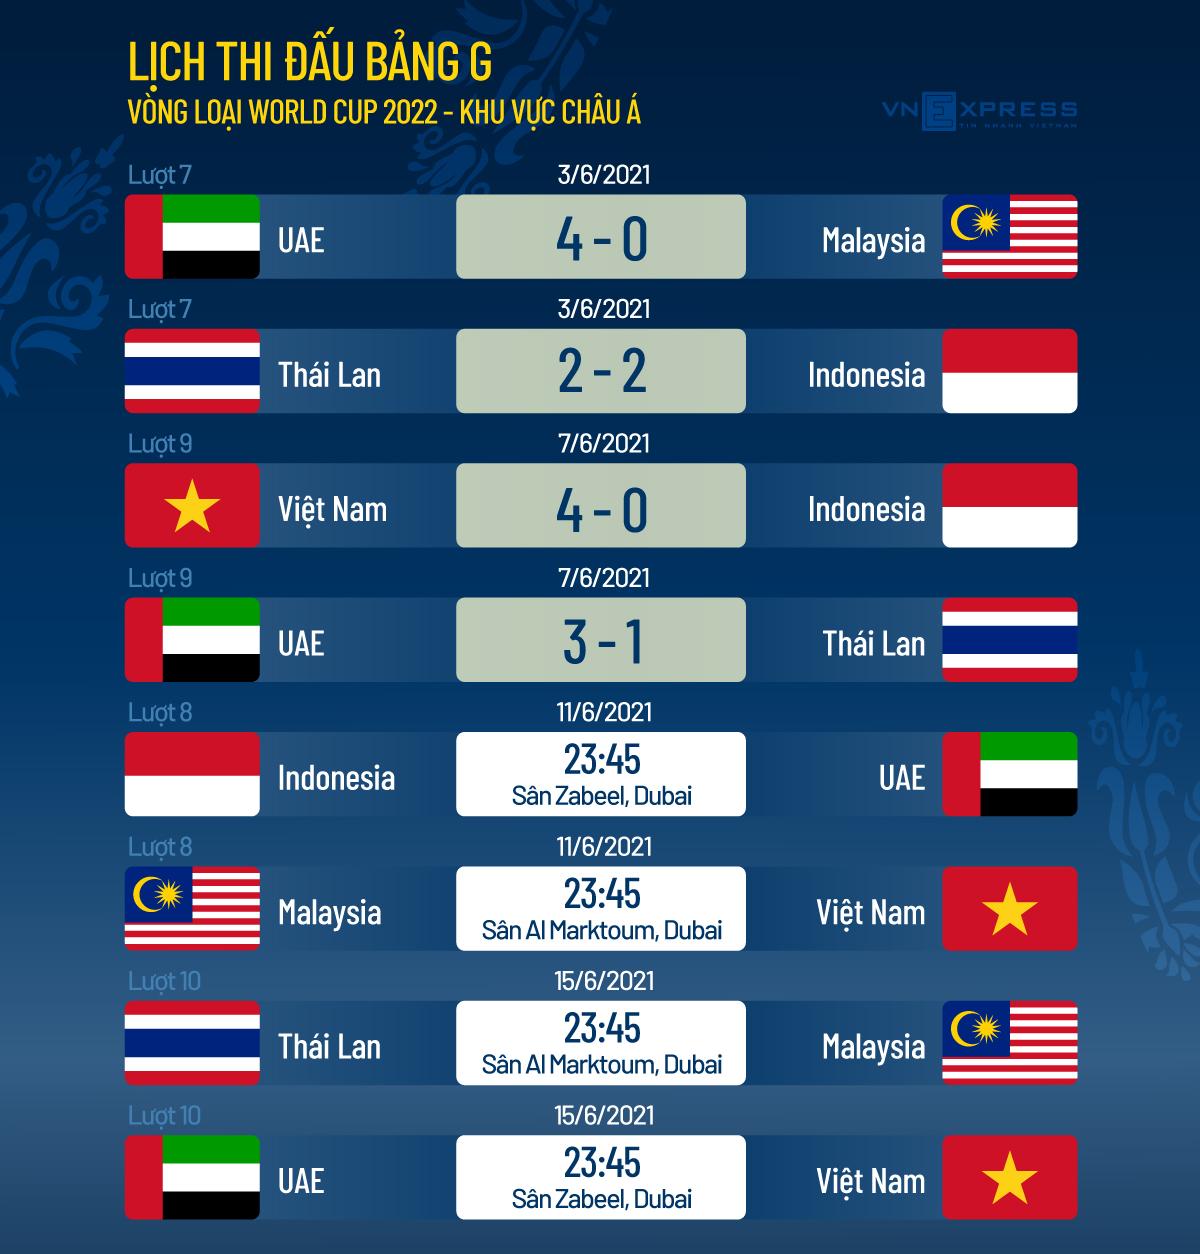 เวียดนามมีโอกาสอีกครั้งในการแข่งขันฟุตบอลโลกรอบคัดเลือก - 2